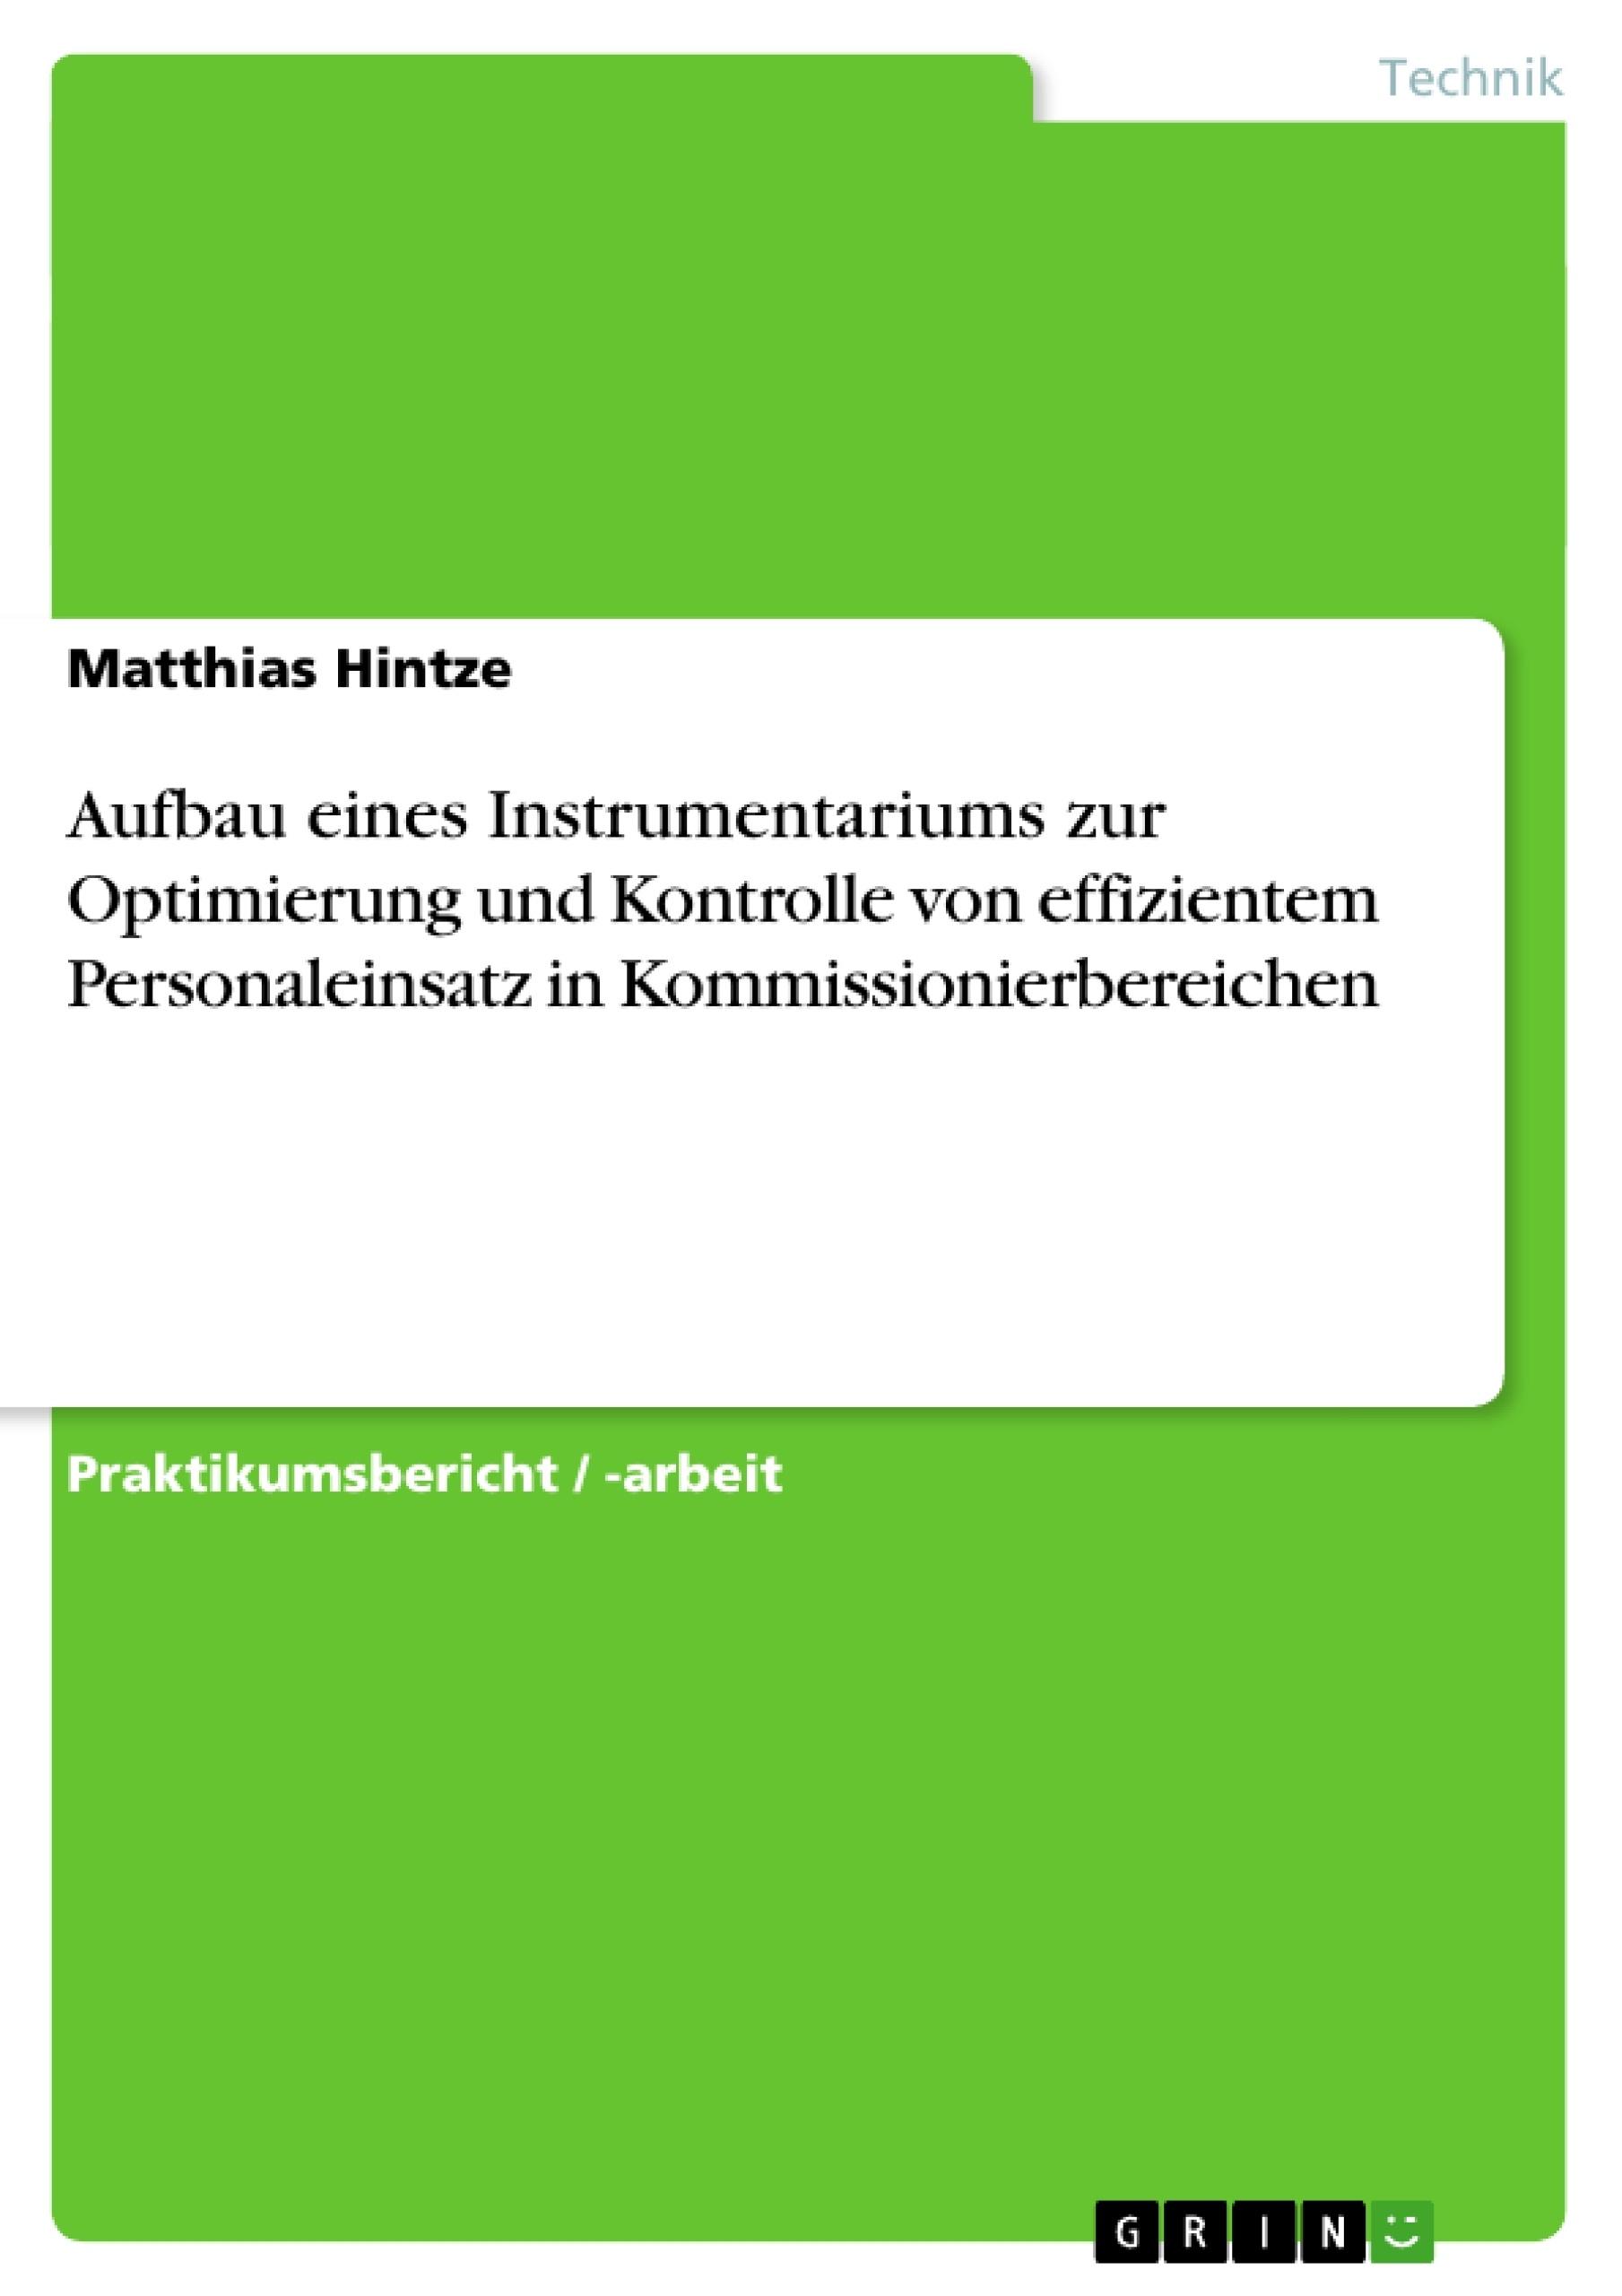 Titel: Aufbau eines Instrumentariums zur Optimierung und Kontrolle von effizientem Personaleinsatz in Kommissionierbereichen